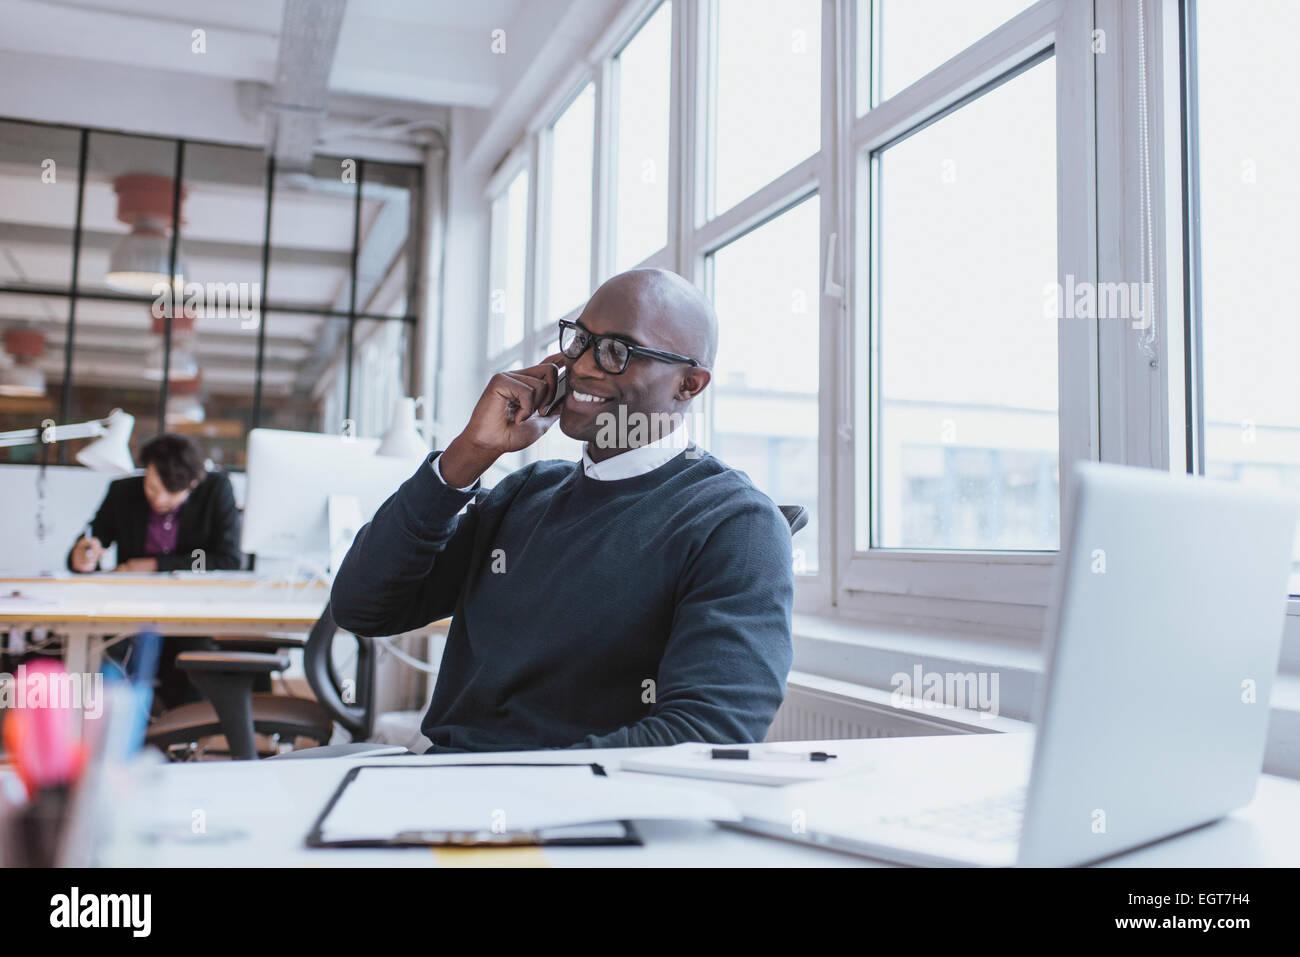 Junger Mann auf seinem Handy im Büro sprechen. Afrikanische Executive sitzt an seinem Schreibtisch mit laptop Stockbild